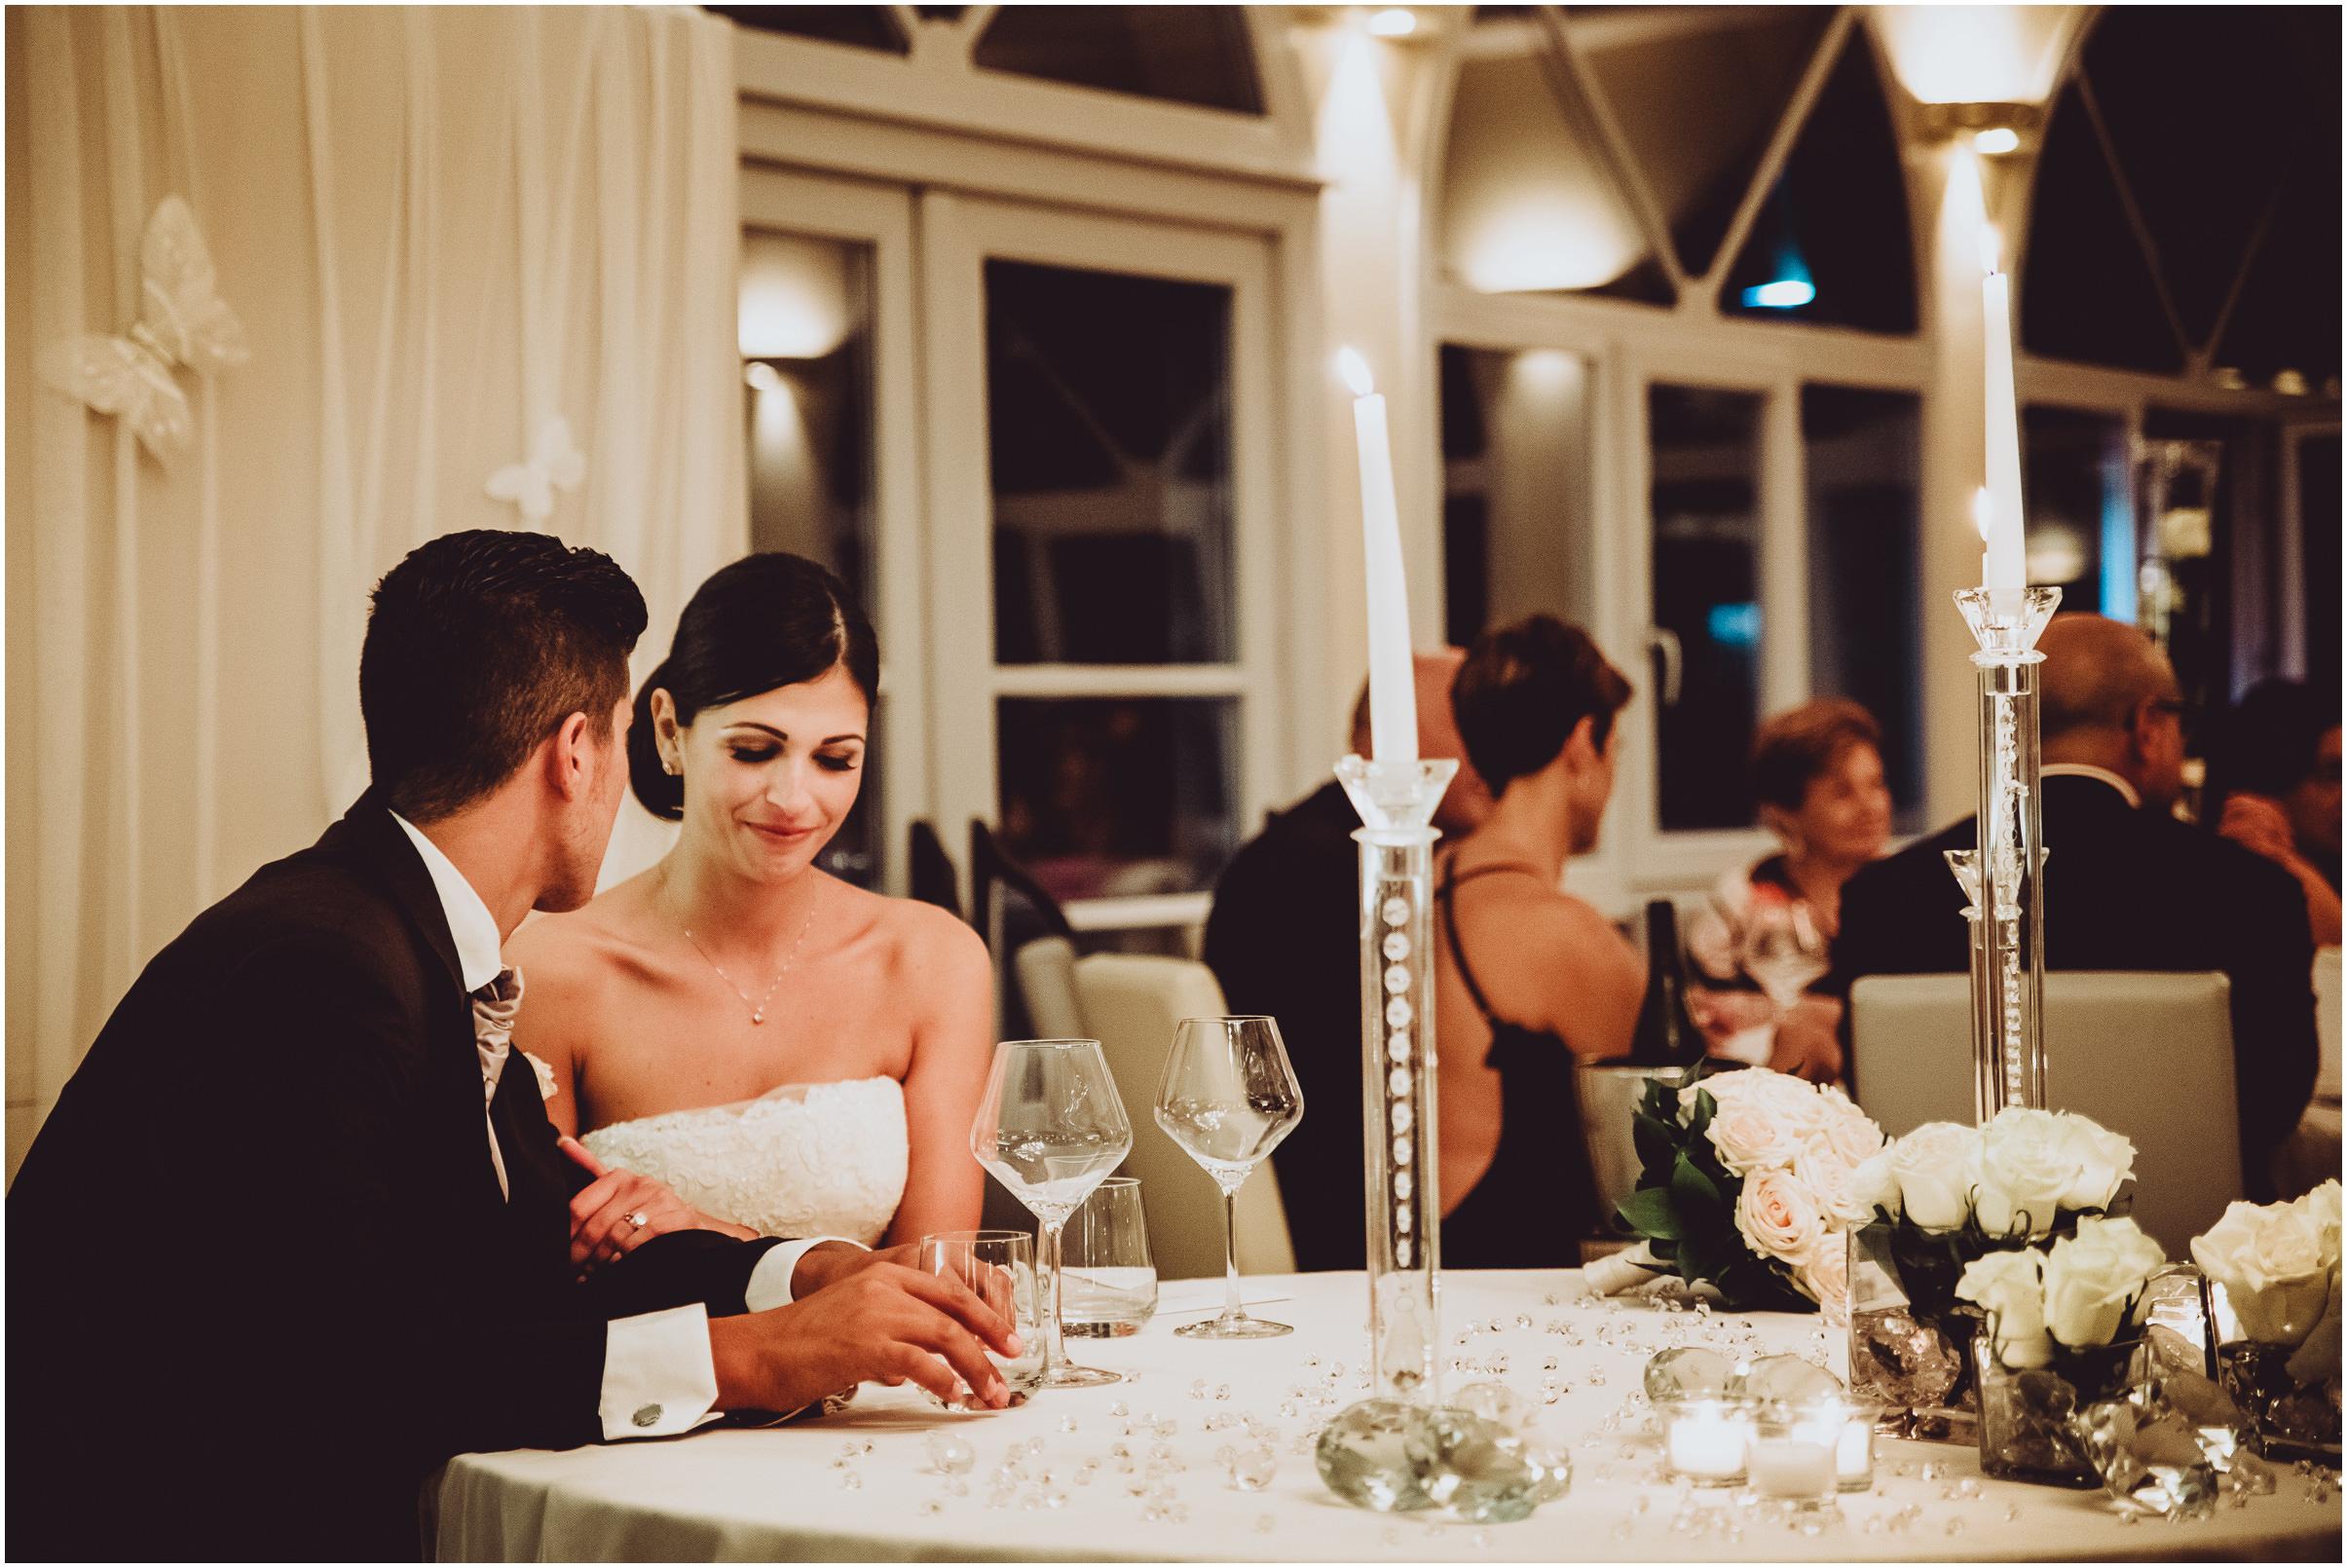 WEDDING-PHOTOGRAPHY-SARA-LORENZONI-FOTOGRAFIA-MATRIMONIO-AREZZO-TUSCANY-EVENTO-LE-SPOSE-DI-GIANNI-ELISA-LUCA056